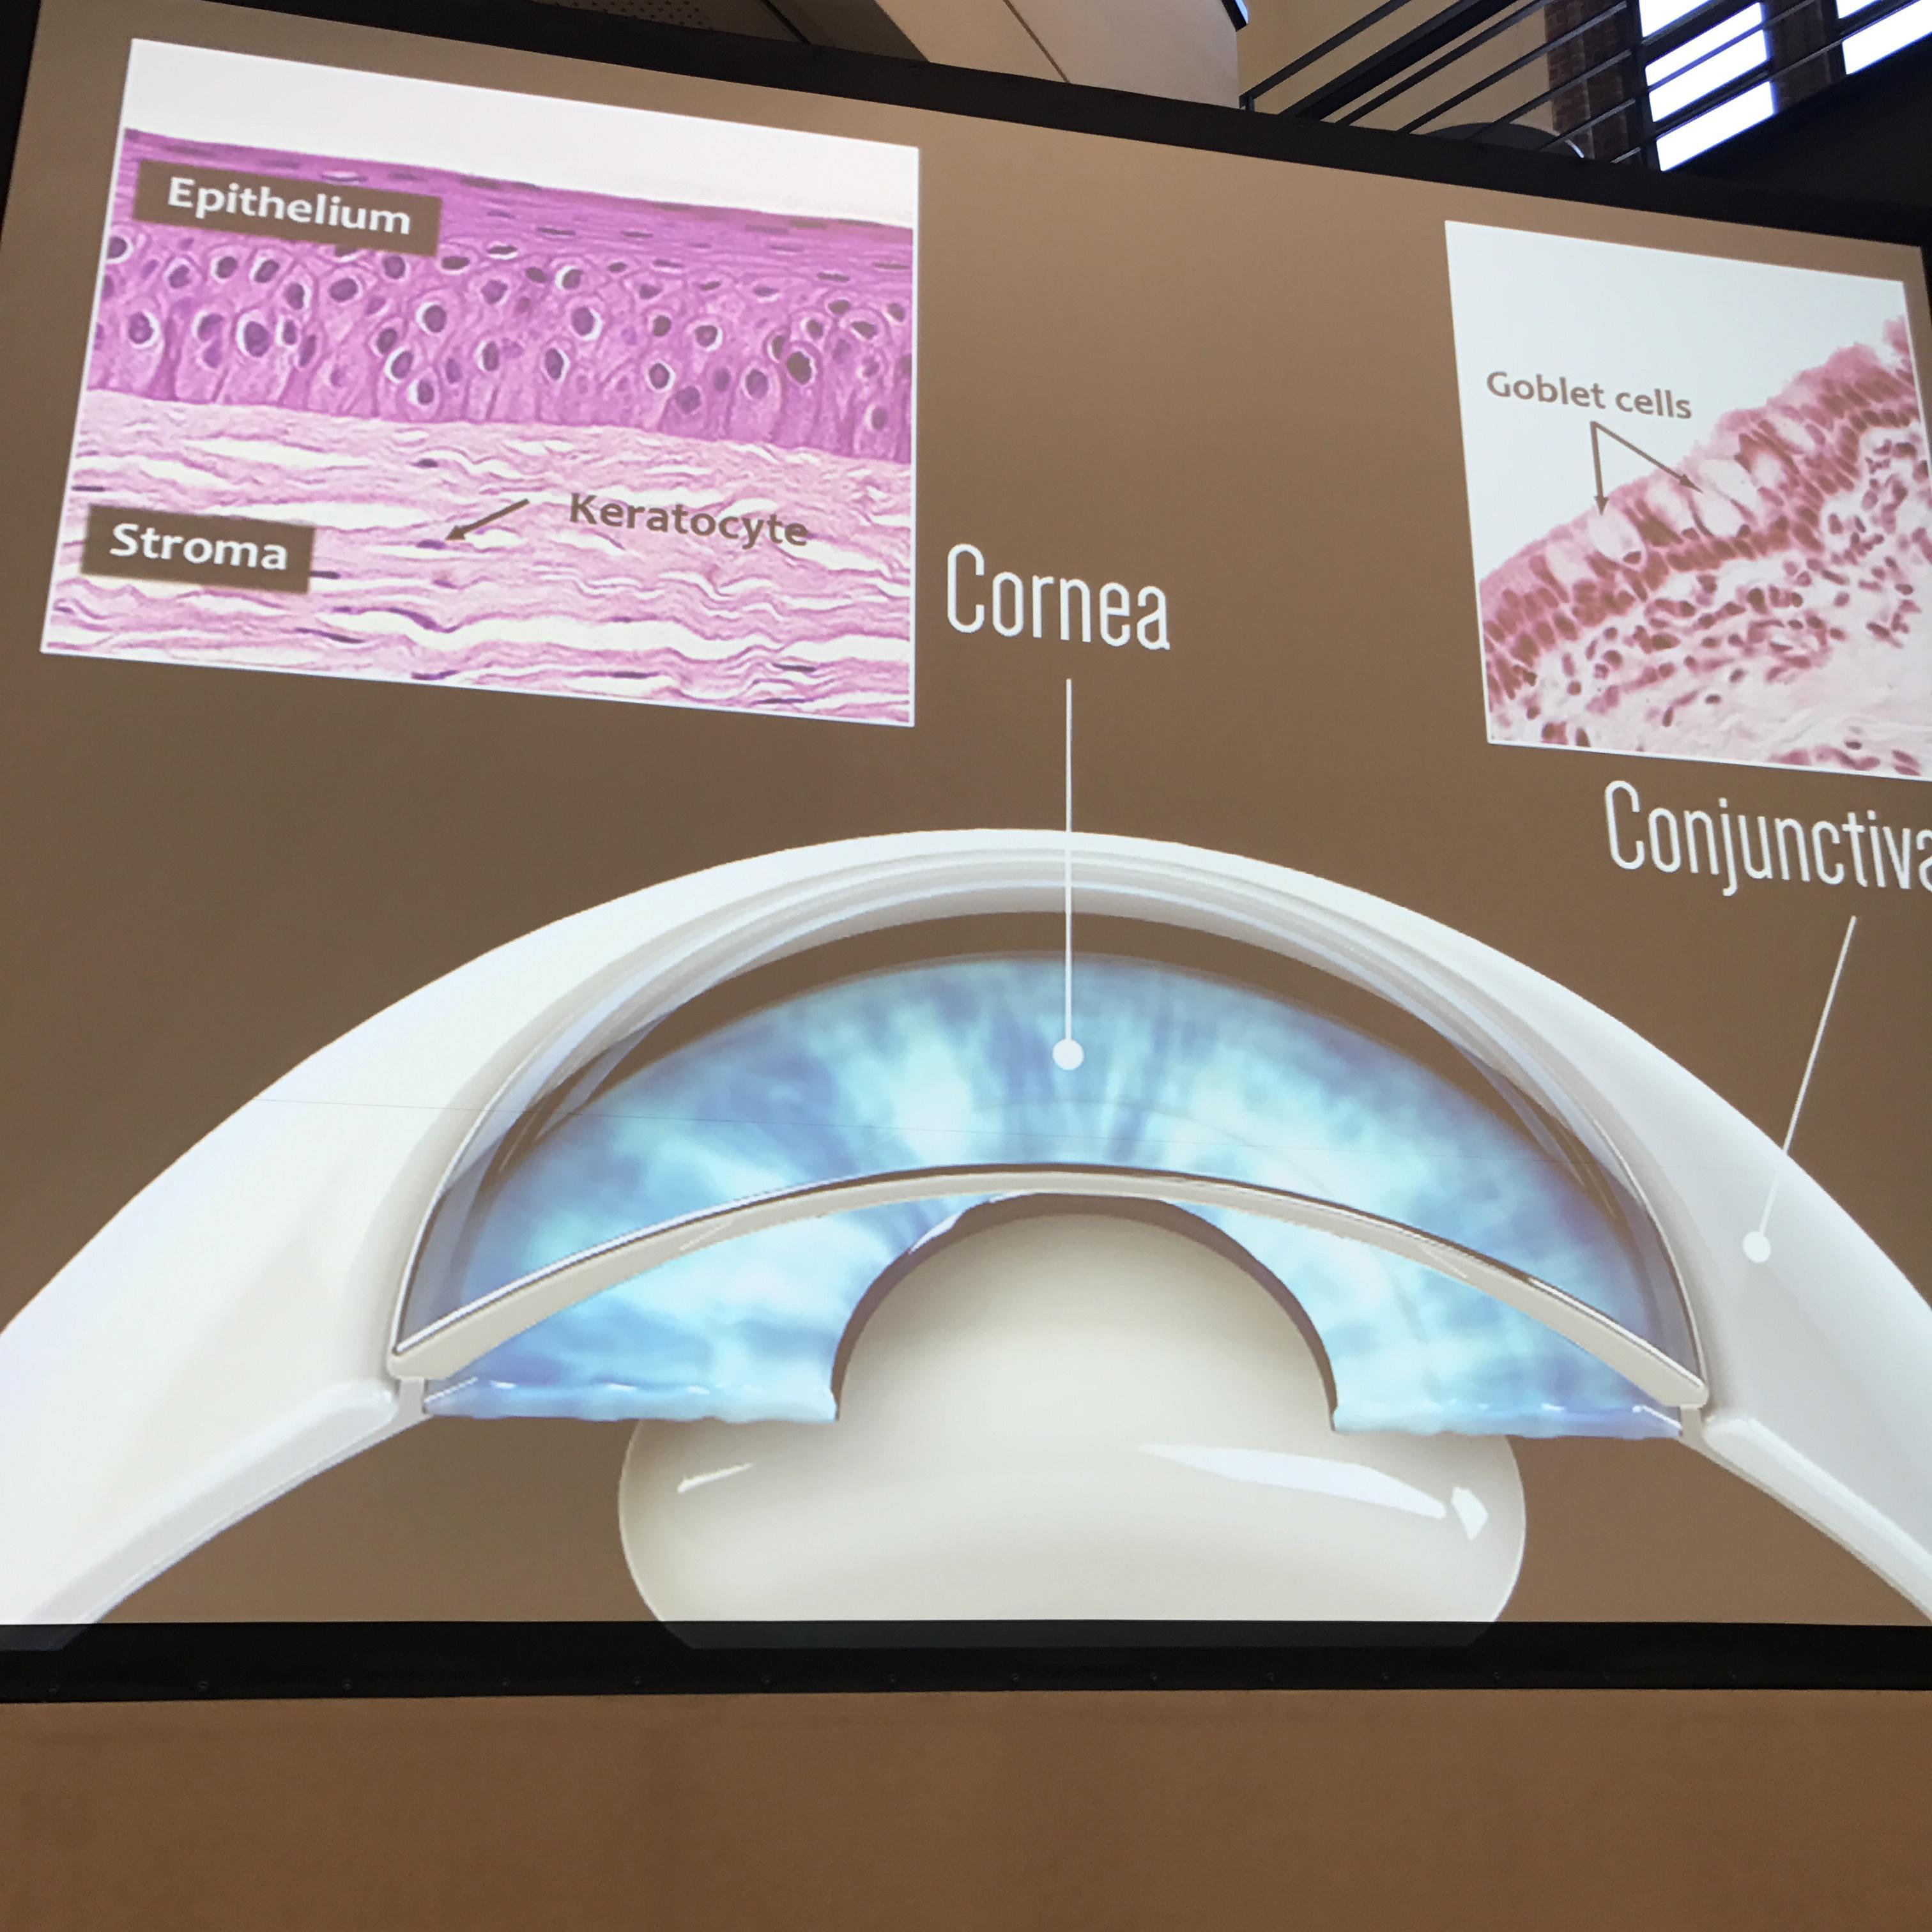 """Biolines är ett av fem forskningslabb i USA som är utvalda av NASA att skicka ut sina """"organs on a chip"""" till den internationella rymdstationen i maj 2019 för att studera vad som händer i kroppens celler under viktlöshet."""